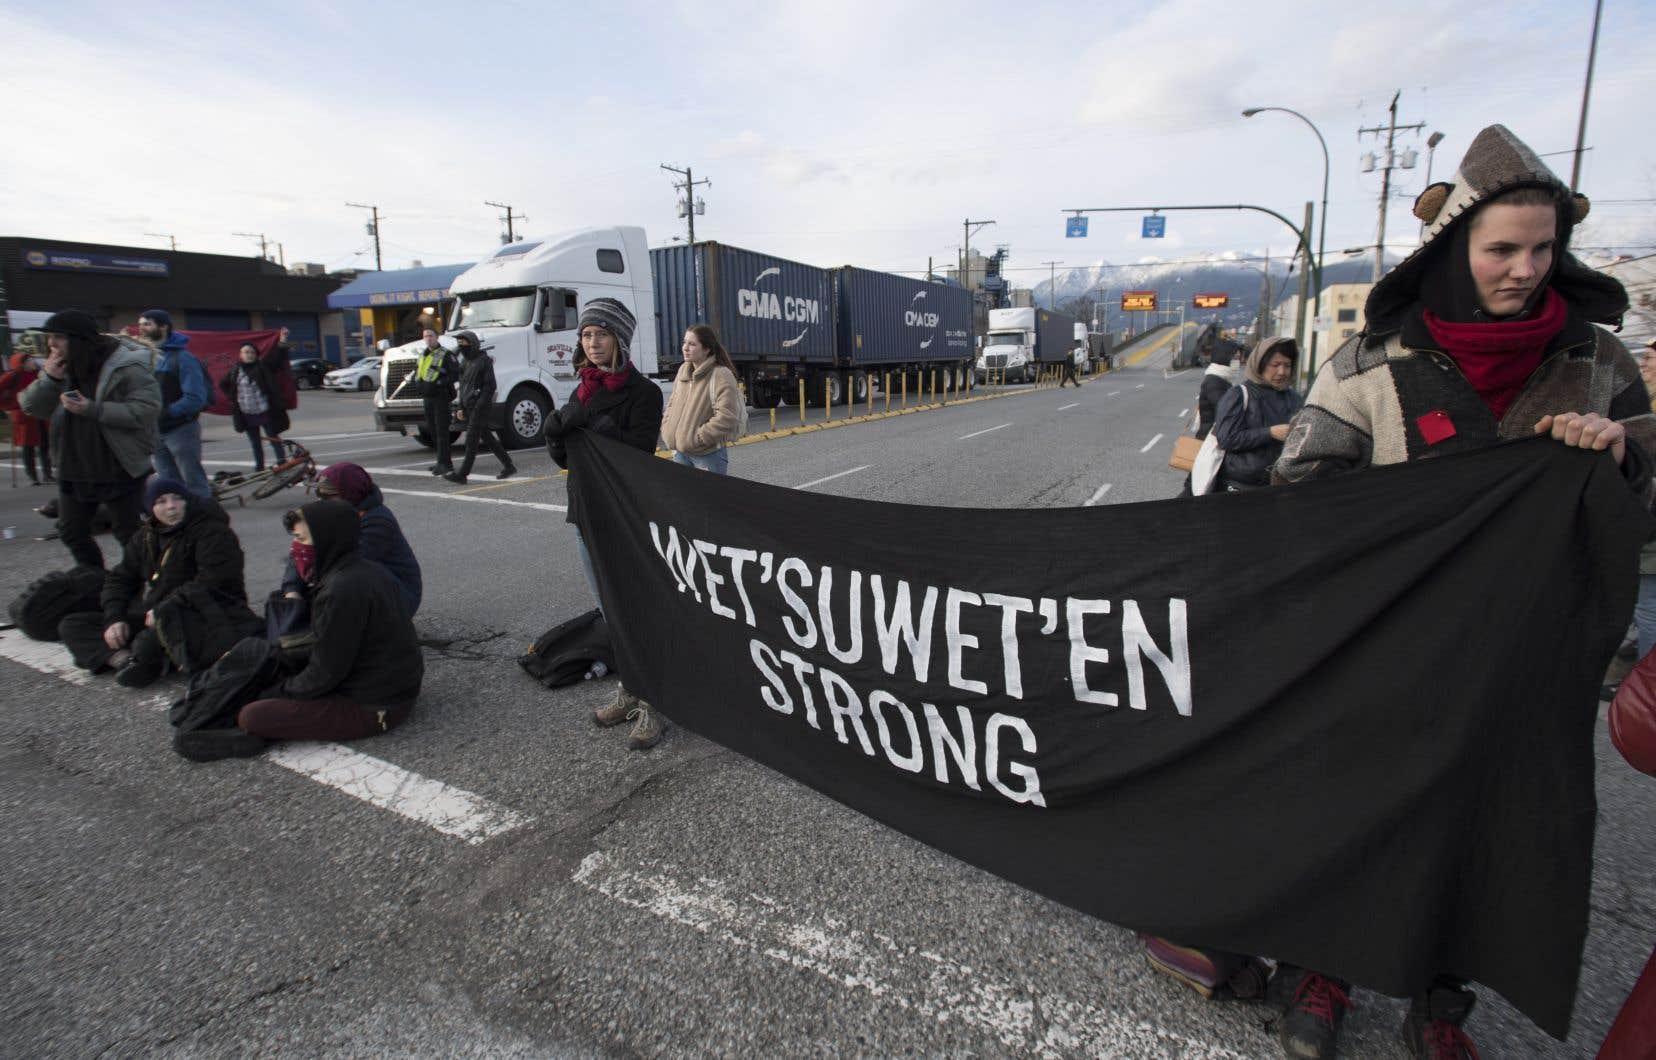 «[La justice environnementale] est invoquée par les opposants, issus des communautés autochtones, aux projets de gazoducs, par exemple les Wet'suwet'en», mentionne l'auteur.